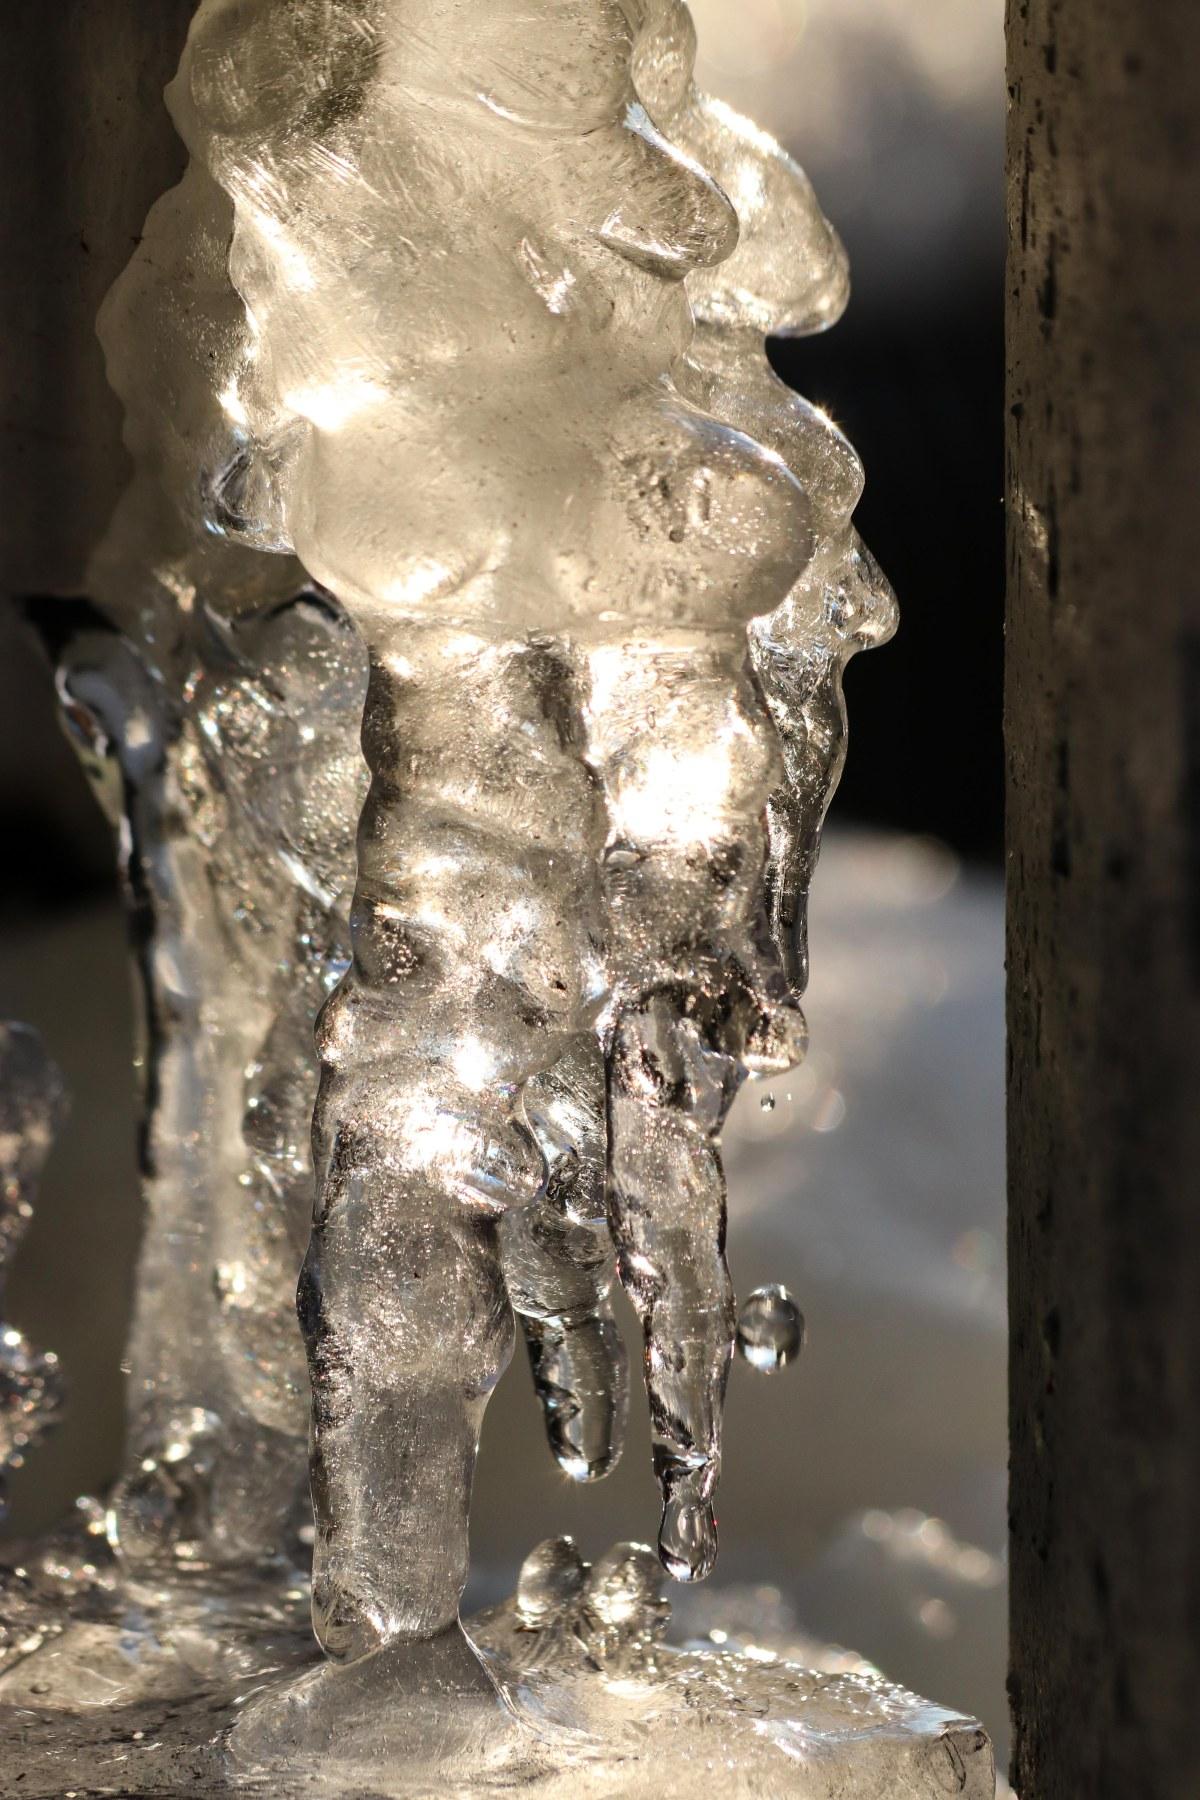 Ice Blob?